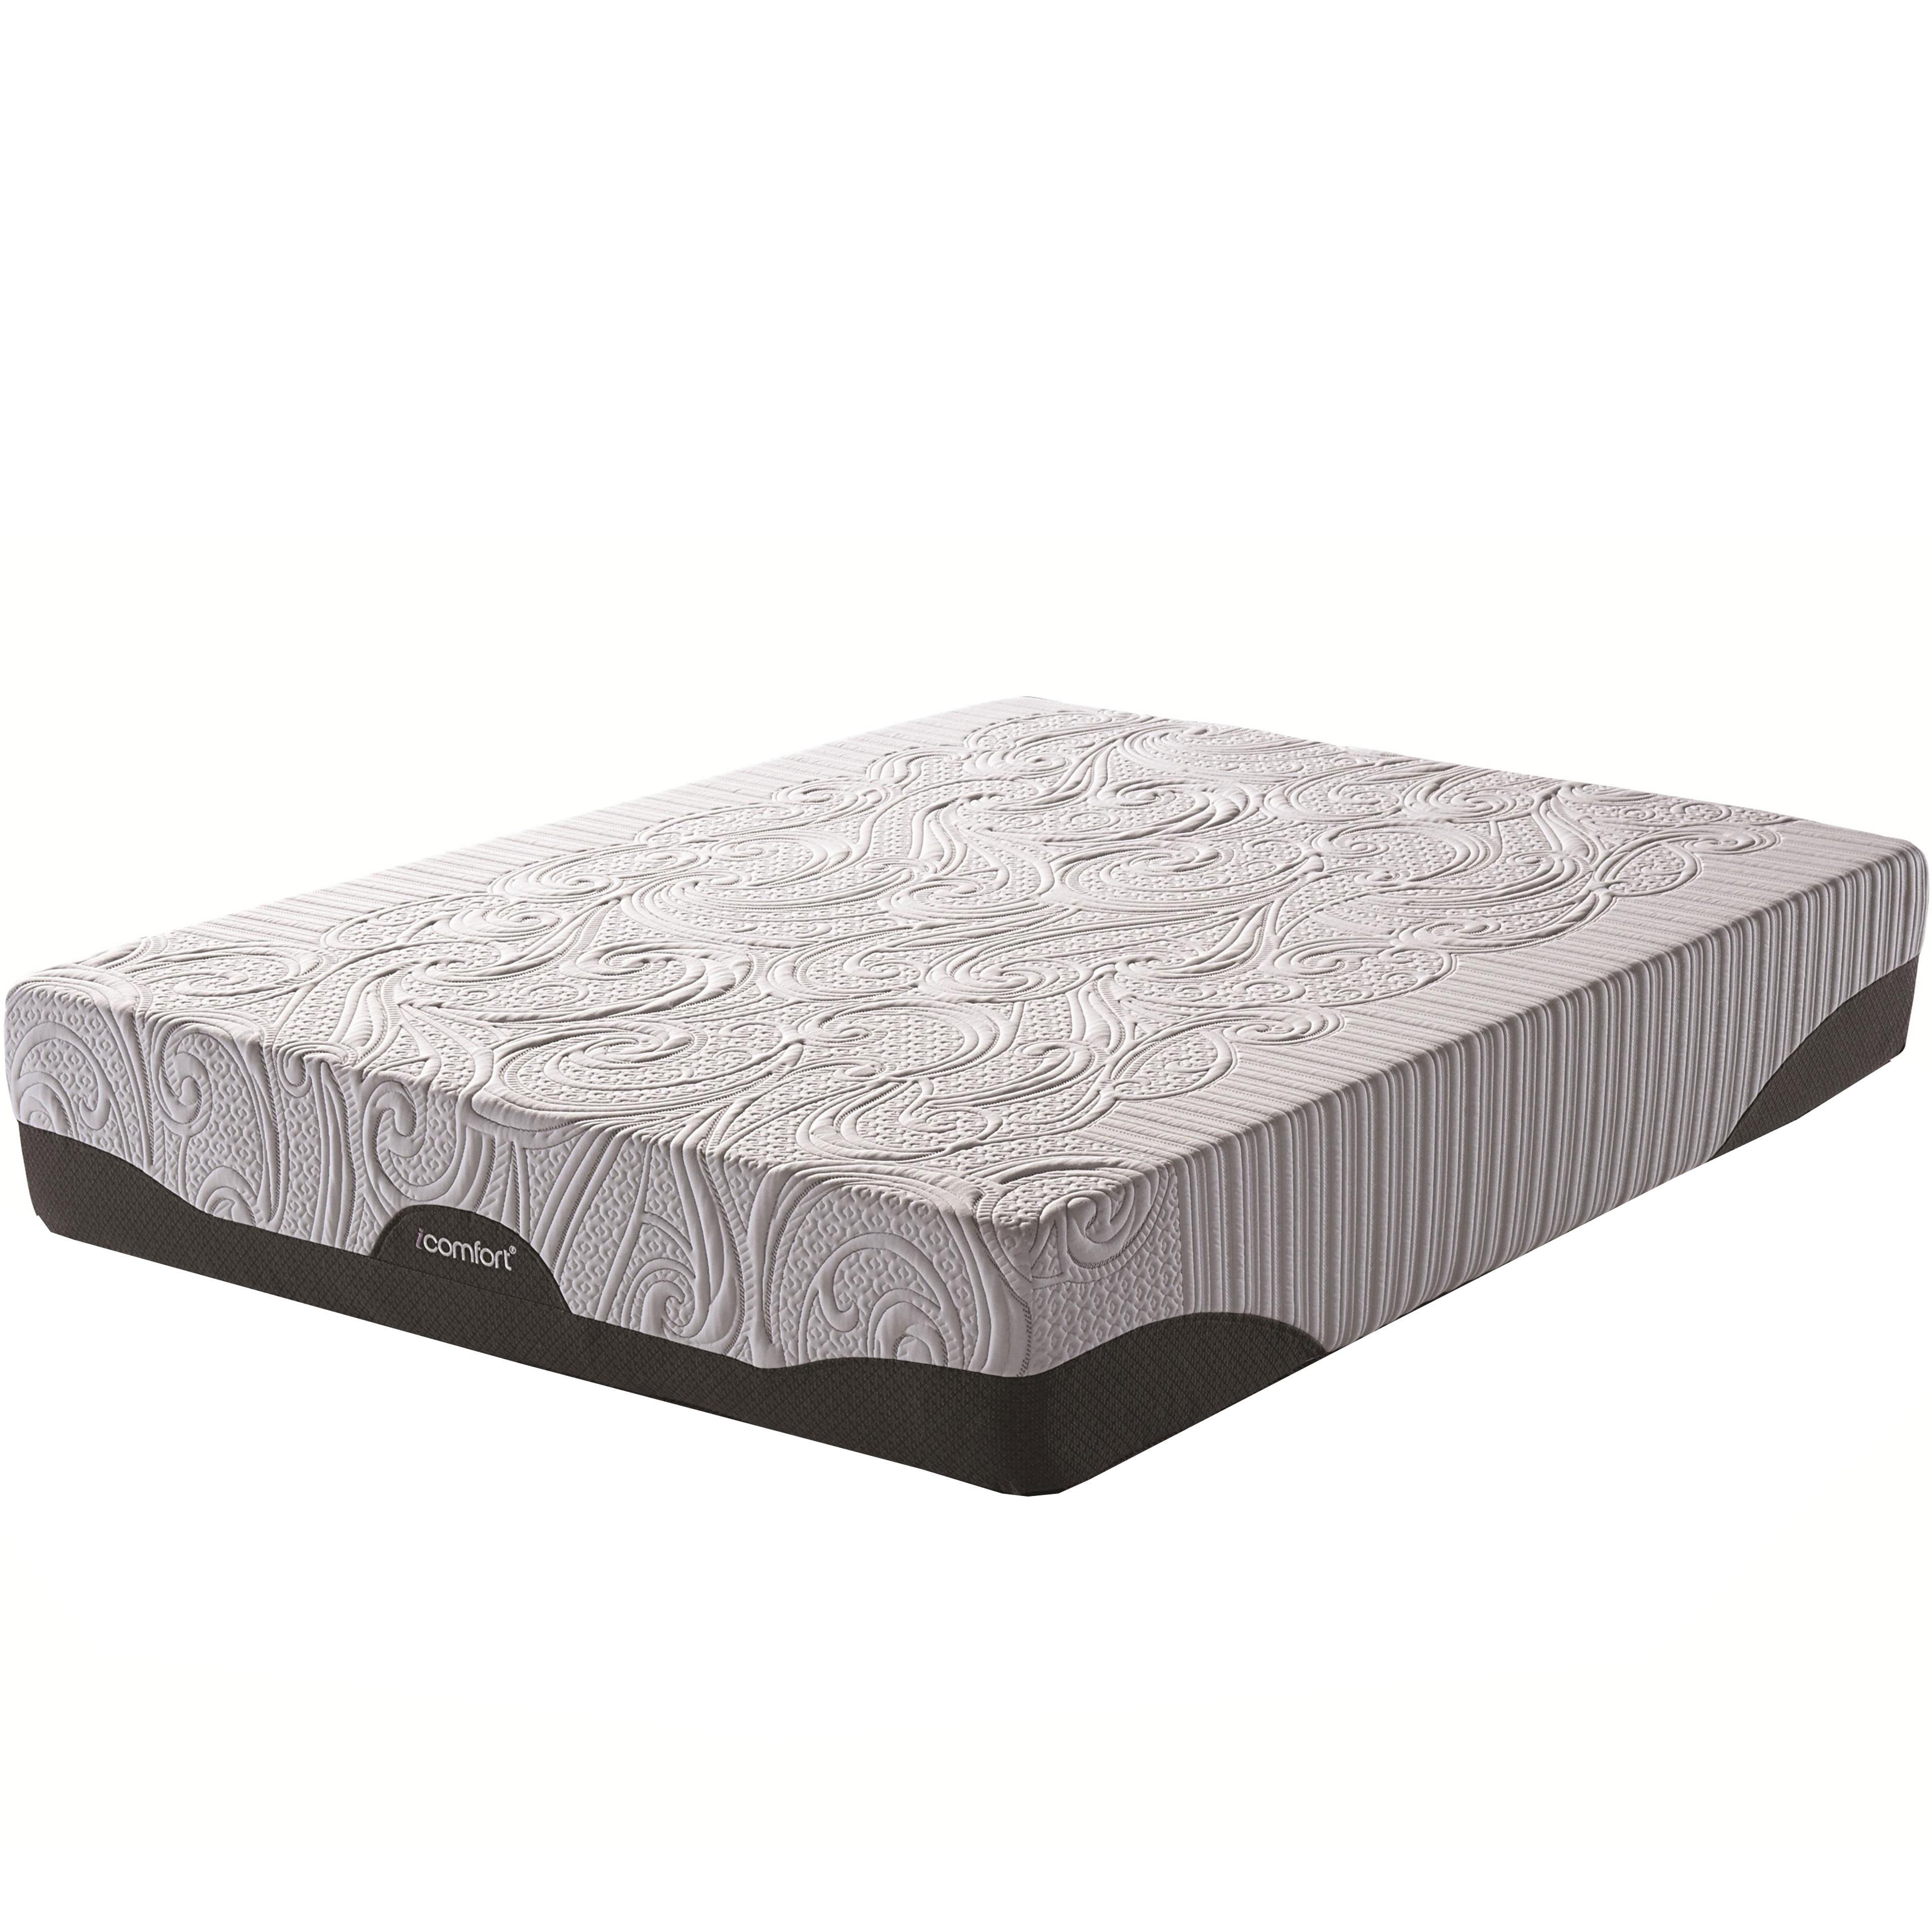 Serta iComfort® Savant EverFeel™ Plush King Mattress - Item Number: 823628K